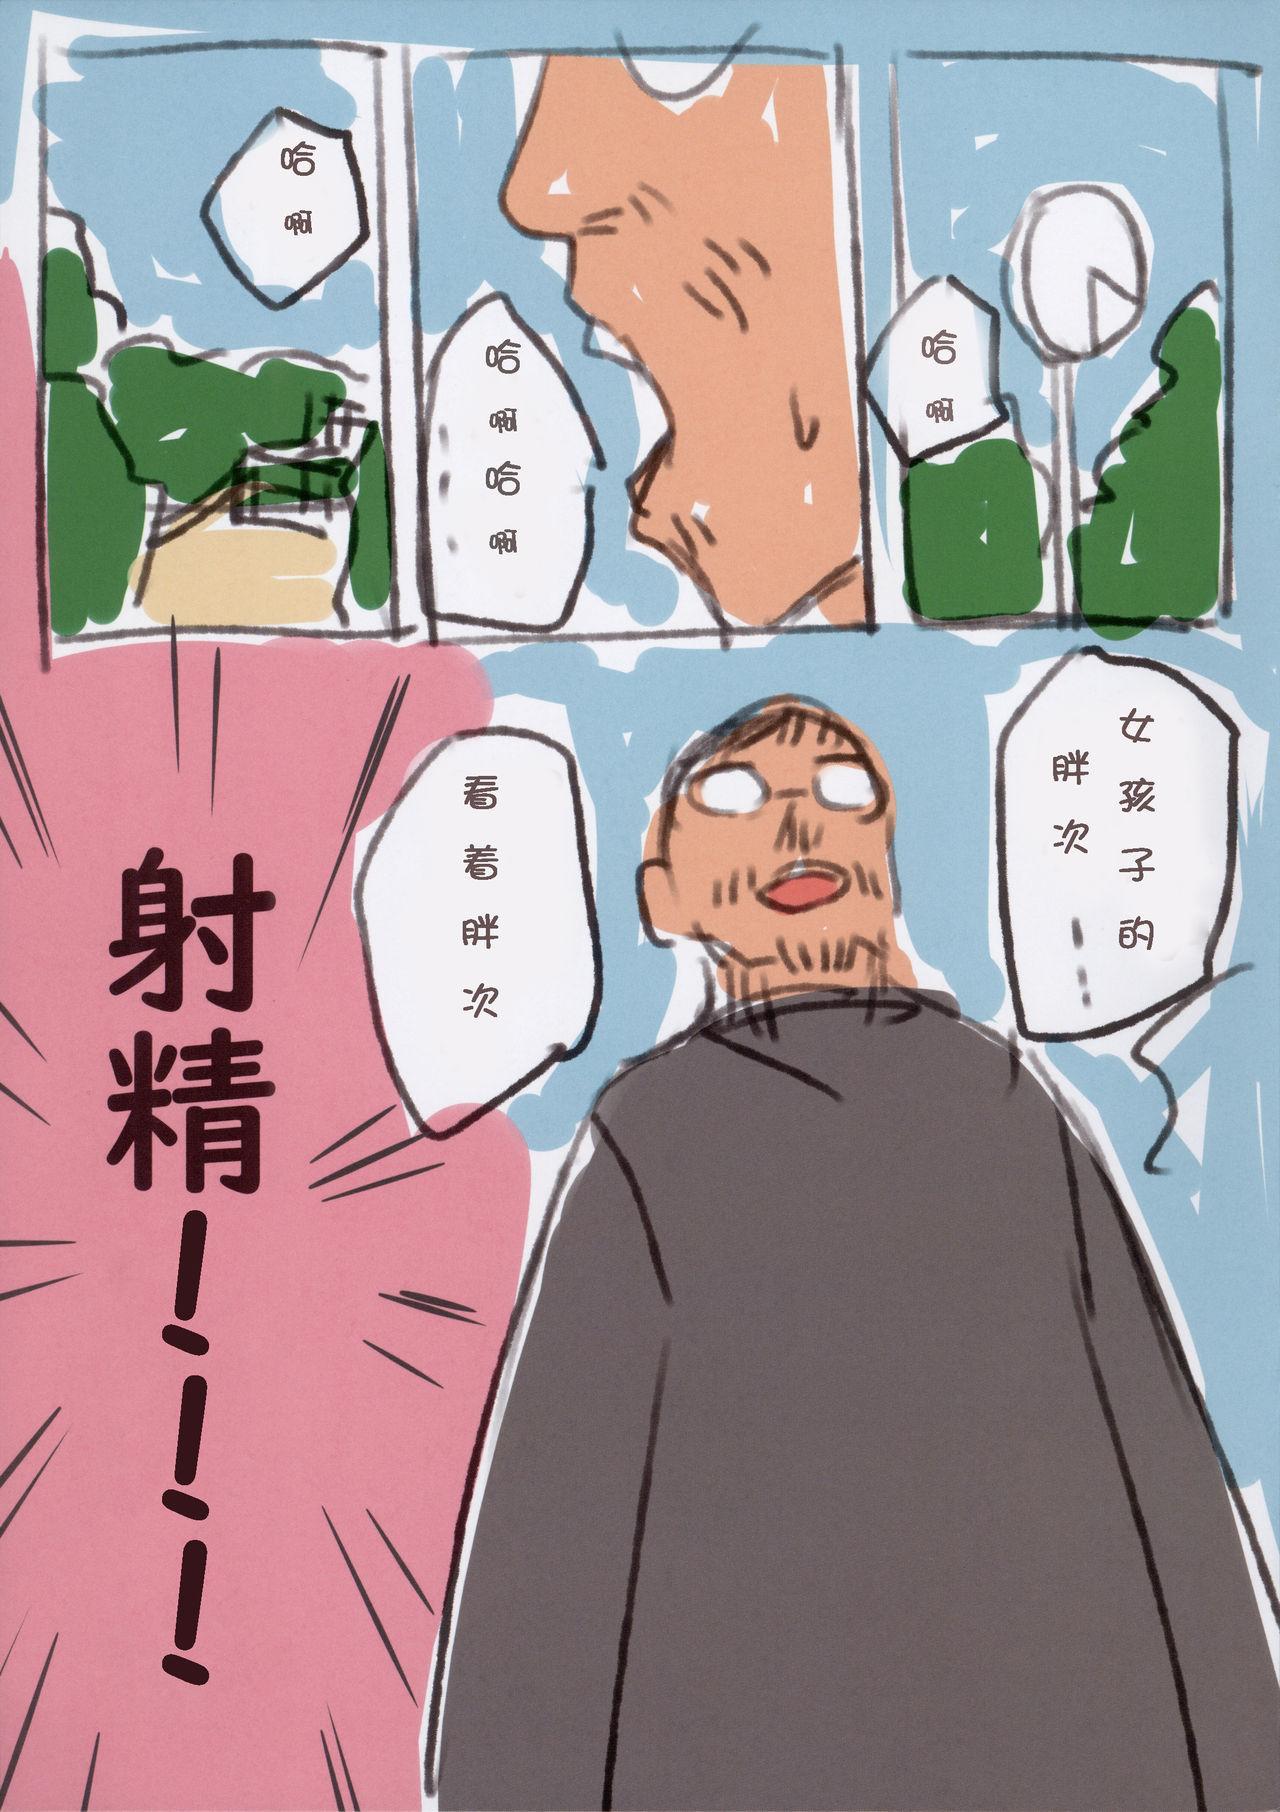 Onegai Shitara Misete kureru Onnanoko-tachi   请给我看一看吧!女孩子们! 2